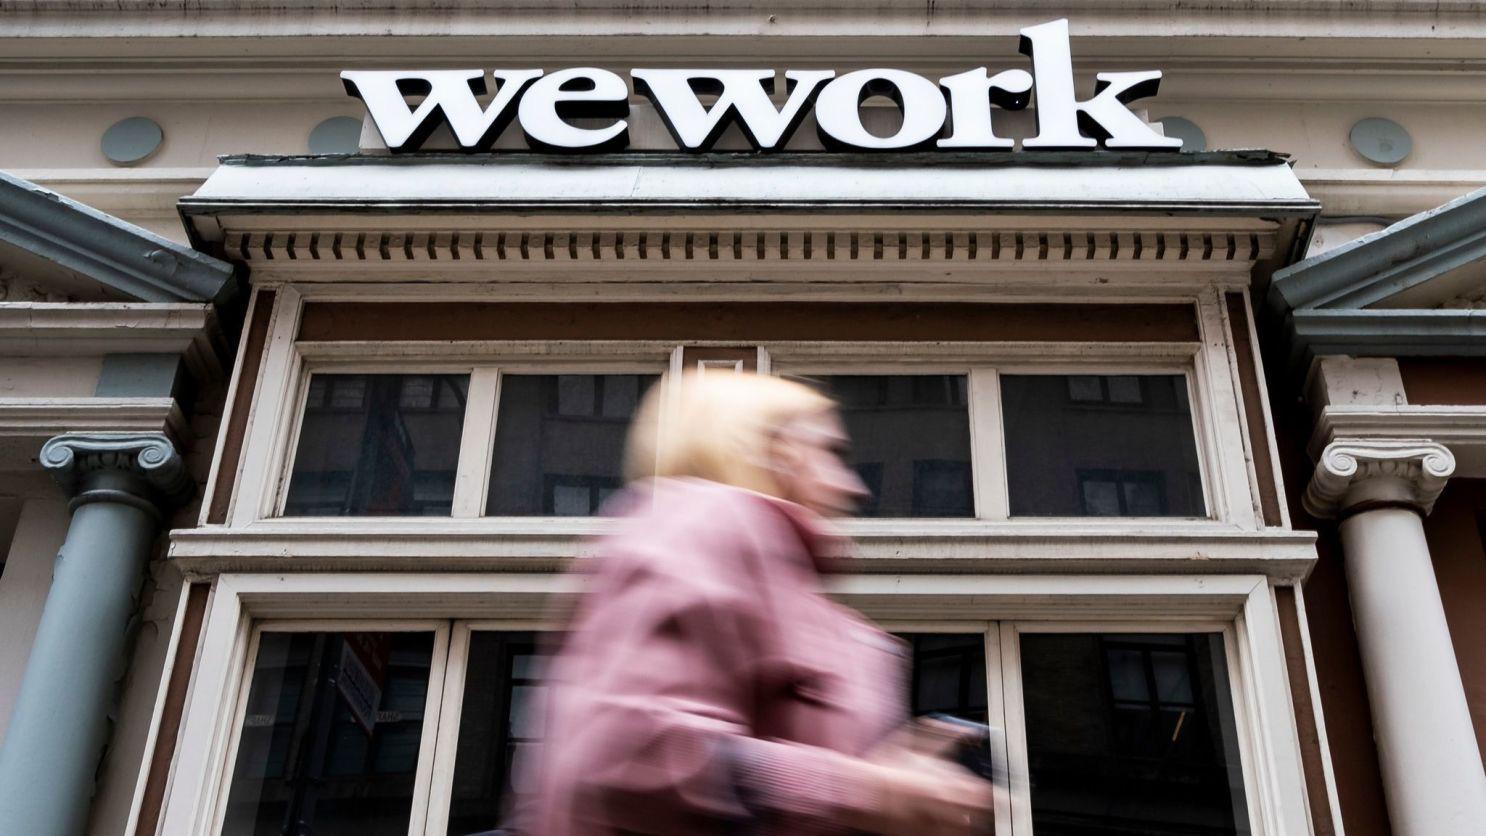 Grab, Gojek và các startup tỷ USD chật vật sống sót sau cuộc đốt tiền - Ảnh 4.